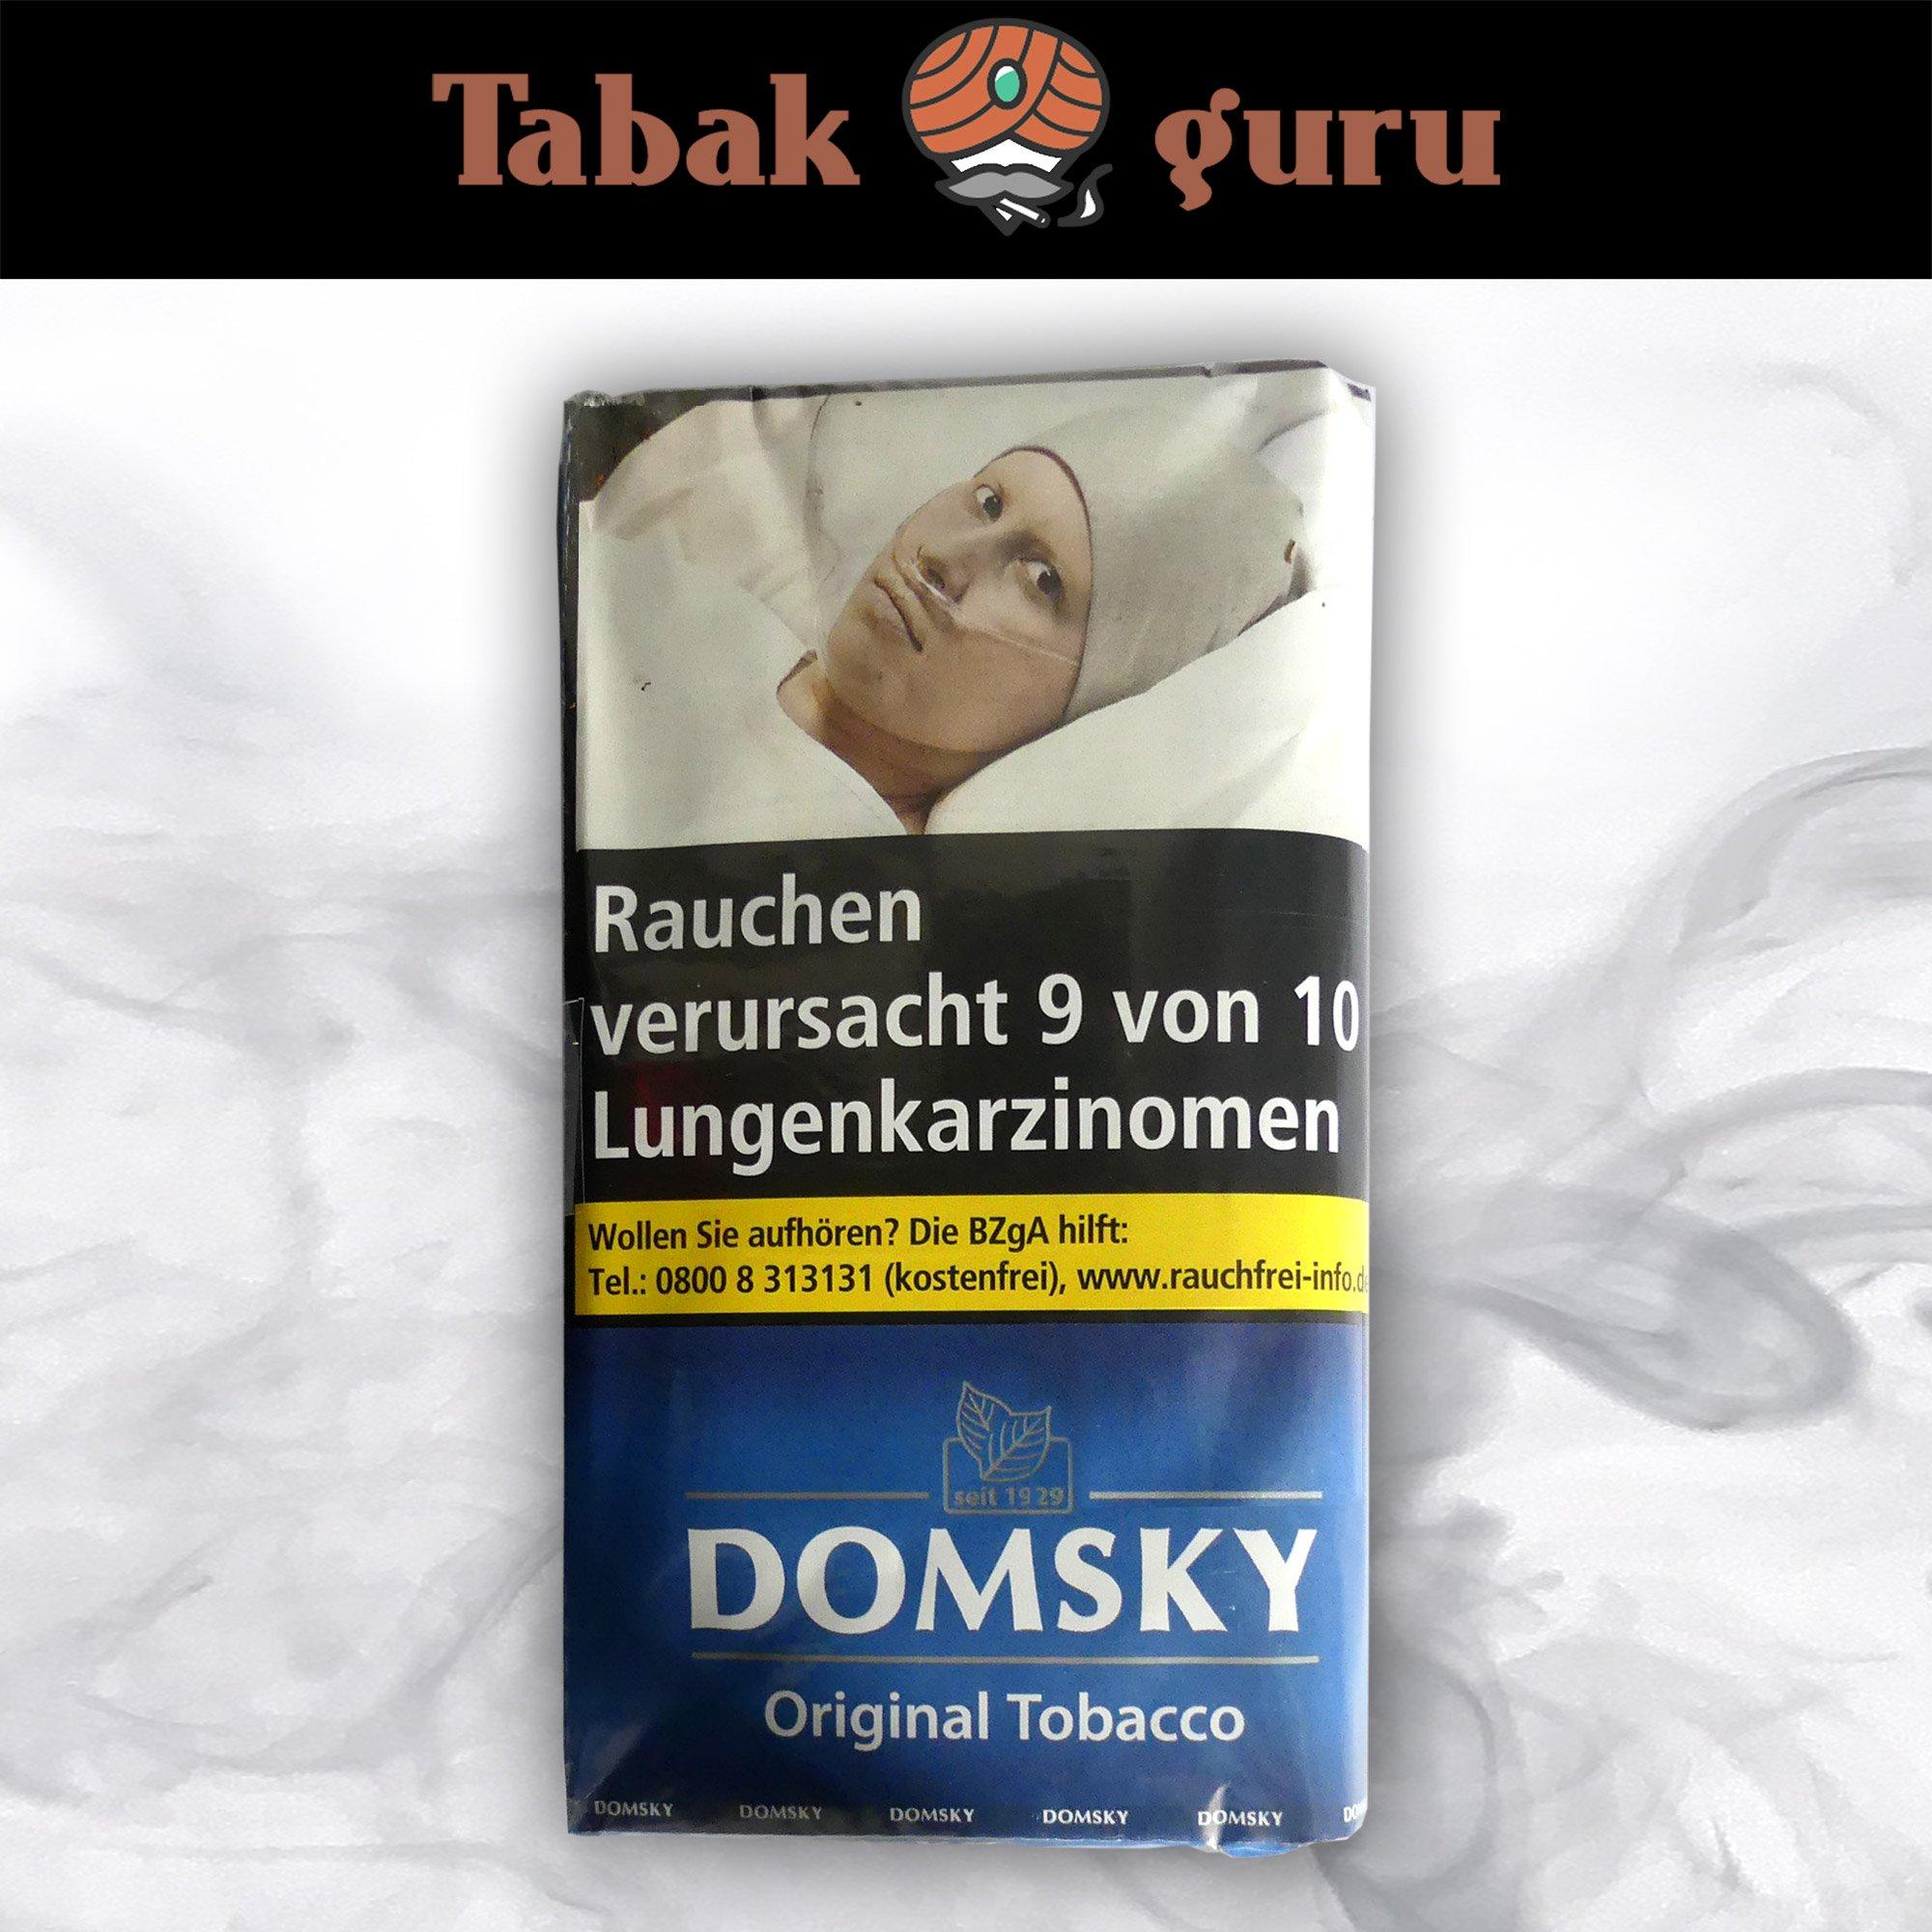 DOMSKY Original Tobacco Drehtabak 40 g